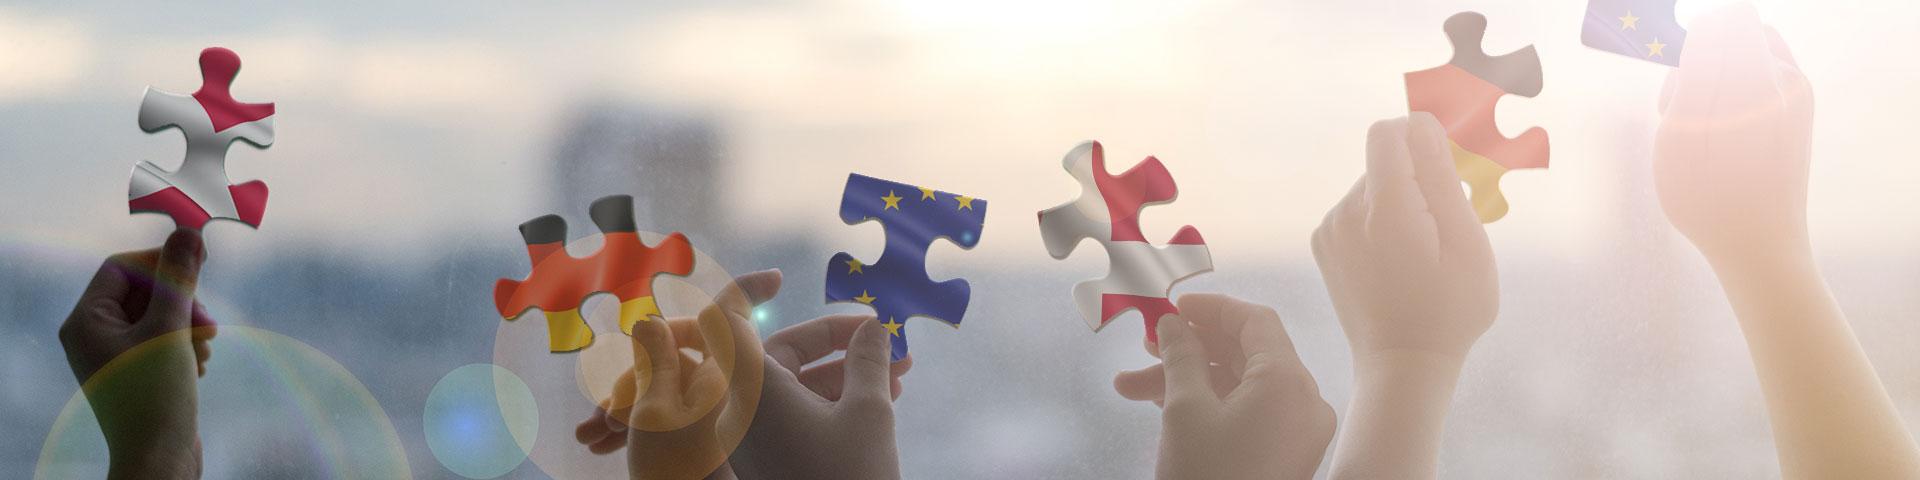 Hænder holder puslespil med flag af euro, tyskland og danmark